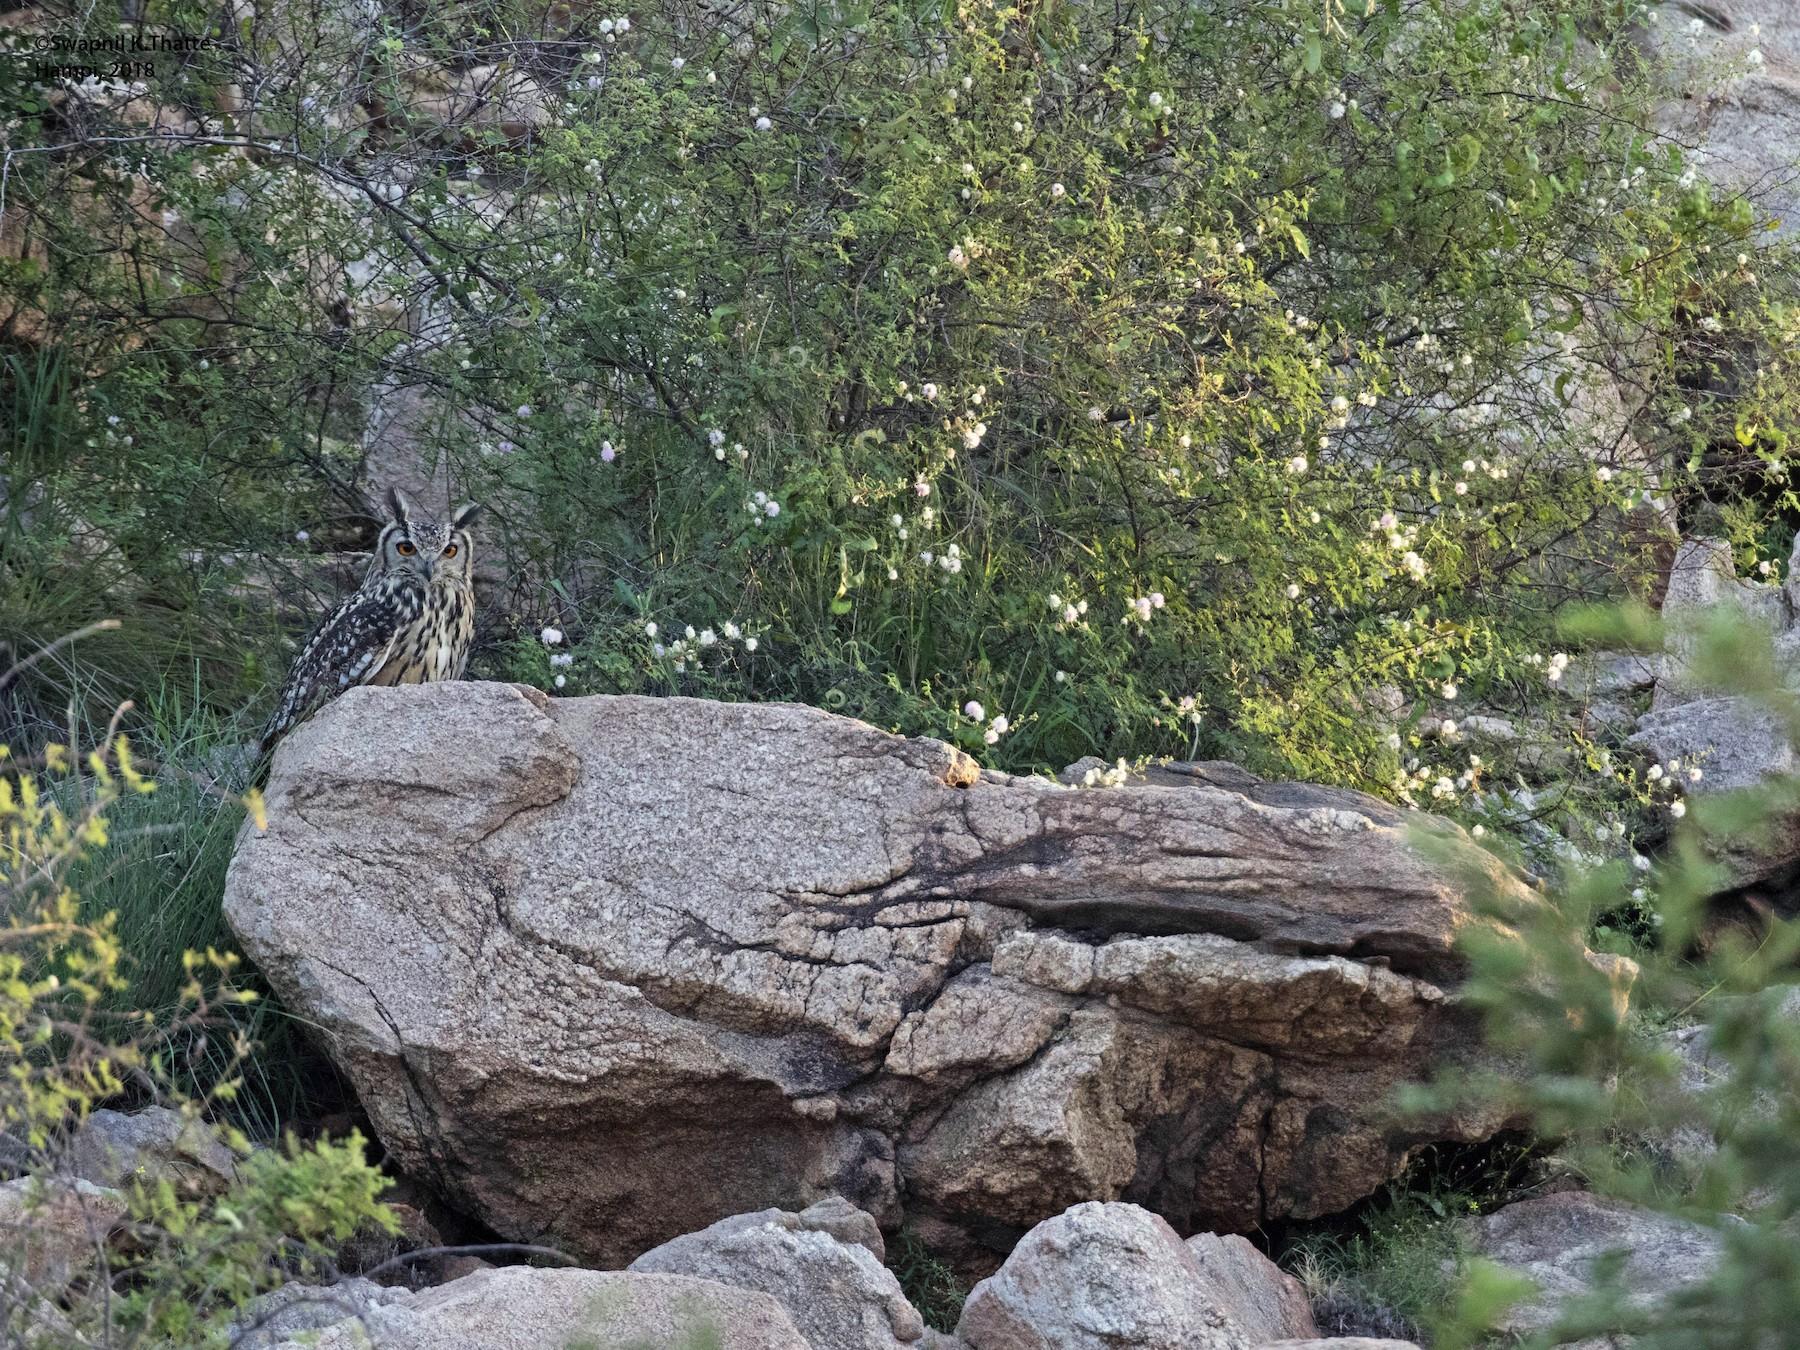 Rock Eagle-Owl - Swapnil Thatte